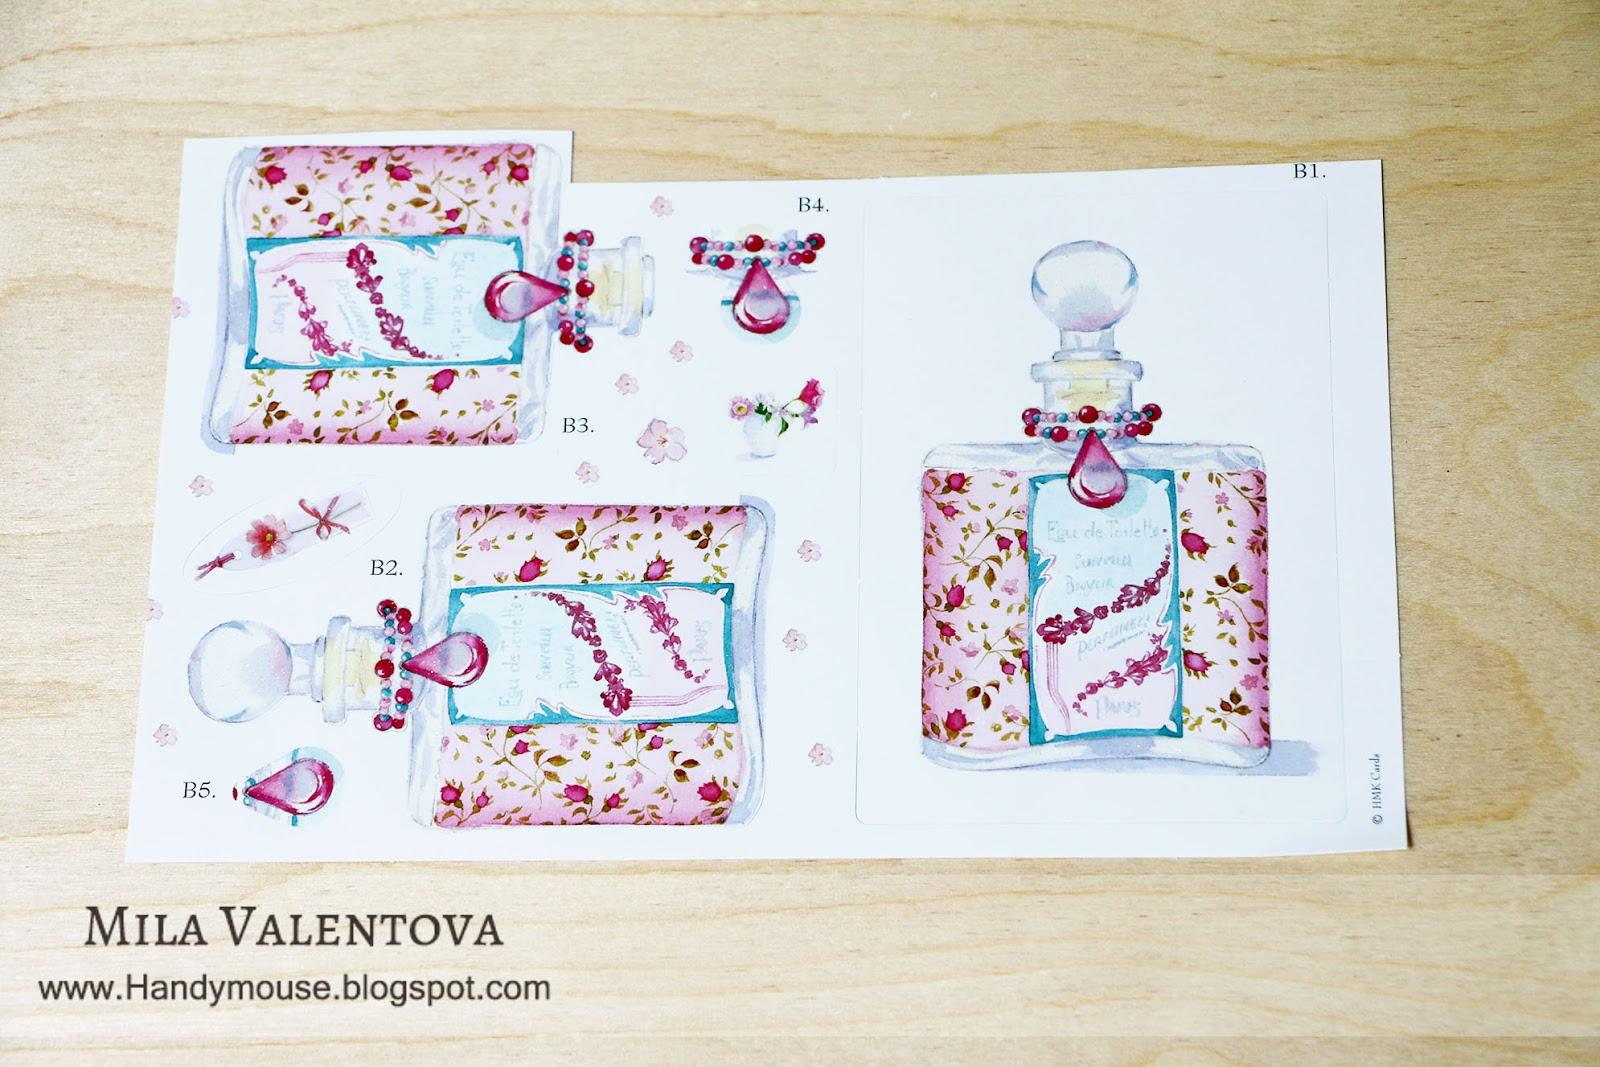 Конфетка от Милы Валентовой